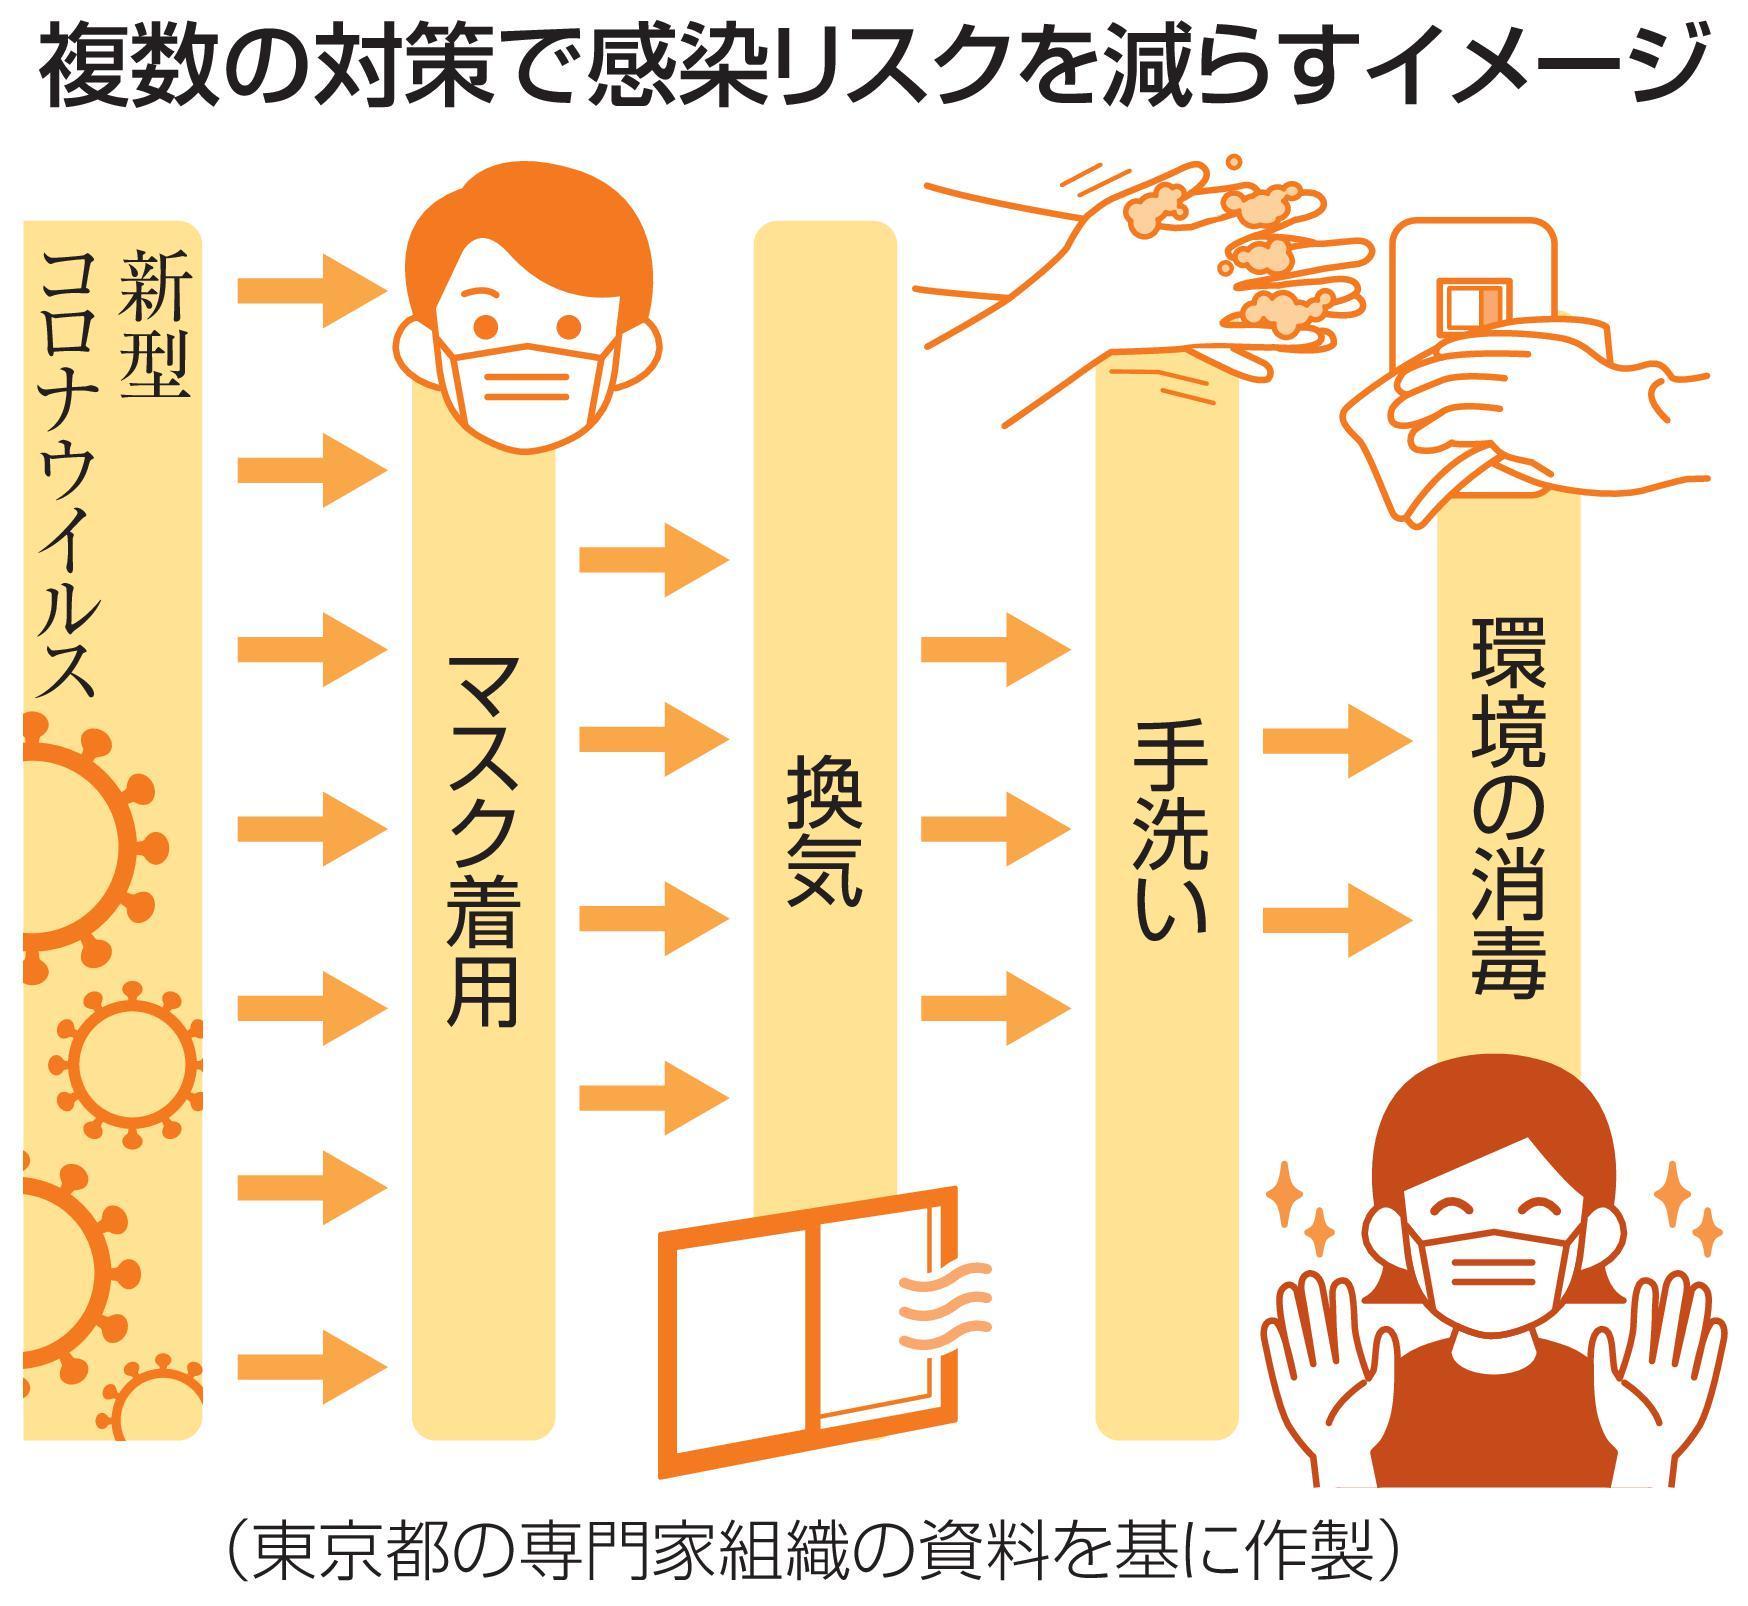 複数の対策で感染リスクを減らすイメージ(